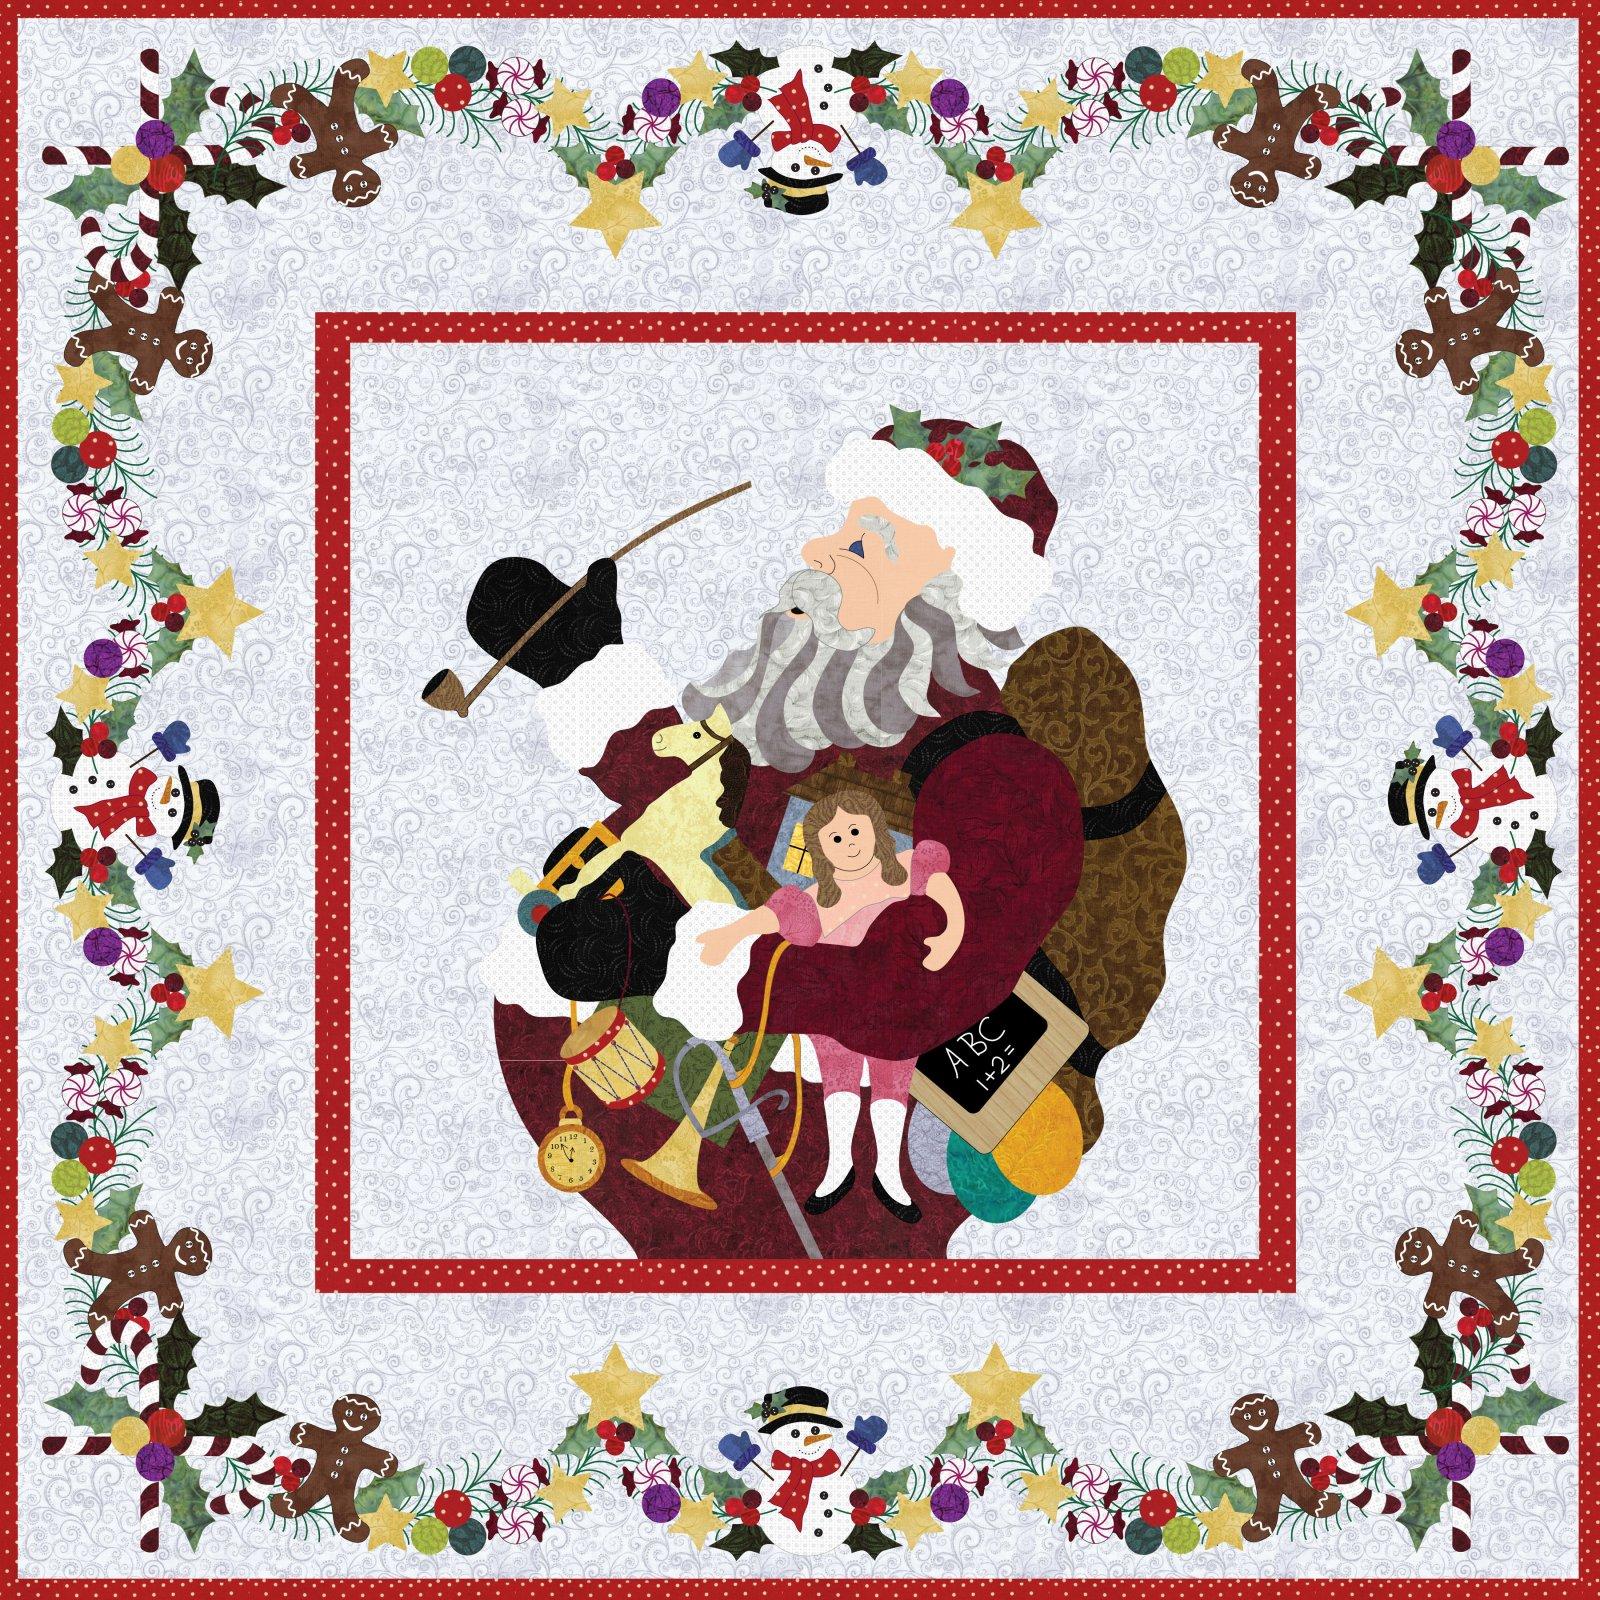 P3-170 Ole Time Santa